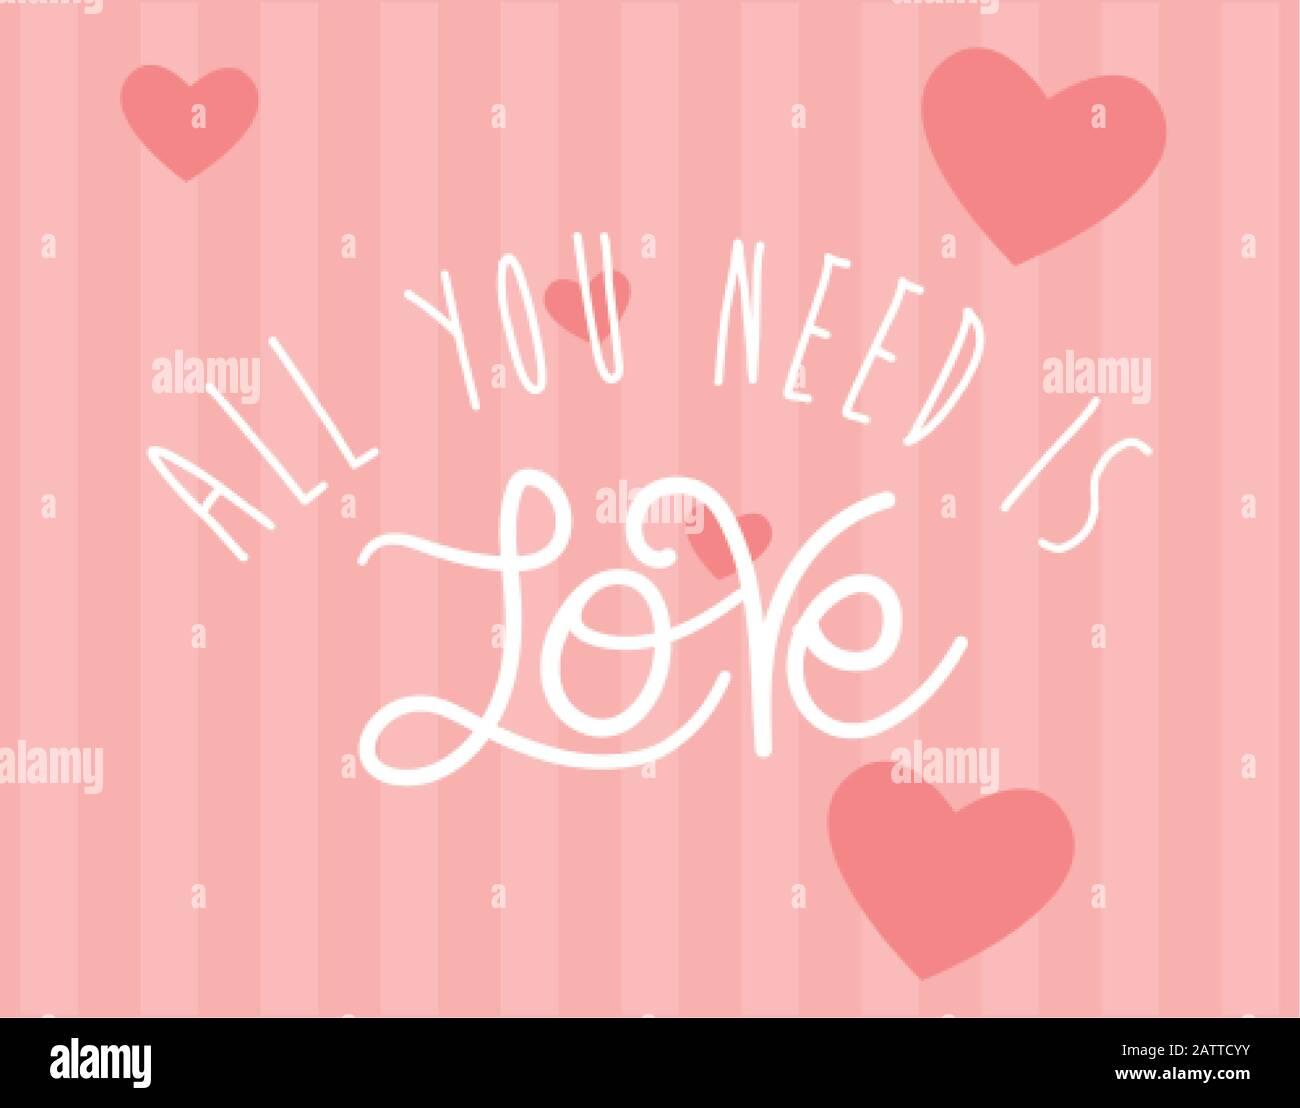 Tout ce dont vous avez besoin est texte d'amour design de Passion romantique valentines jour mariage décoration et mariage thème illustration vectorielle Illustration de Vecteur